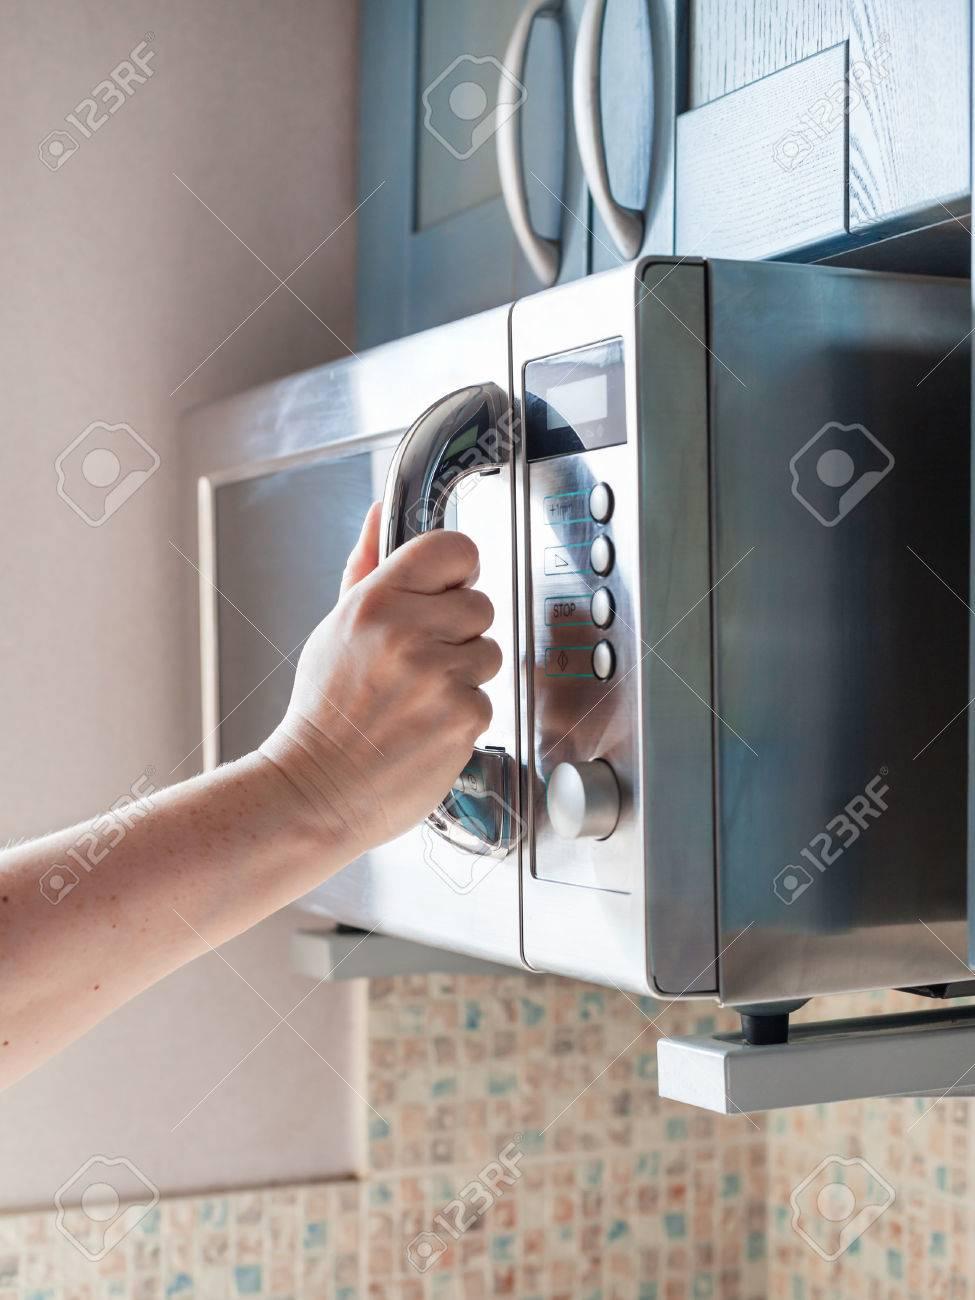 Ustensile De Cuisine Pour Réchauffer main ferme la porte du four micro-ondes pour réchauffer les aliments